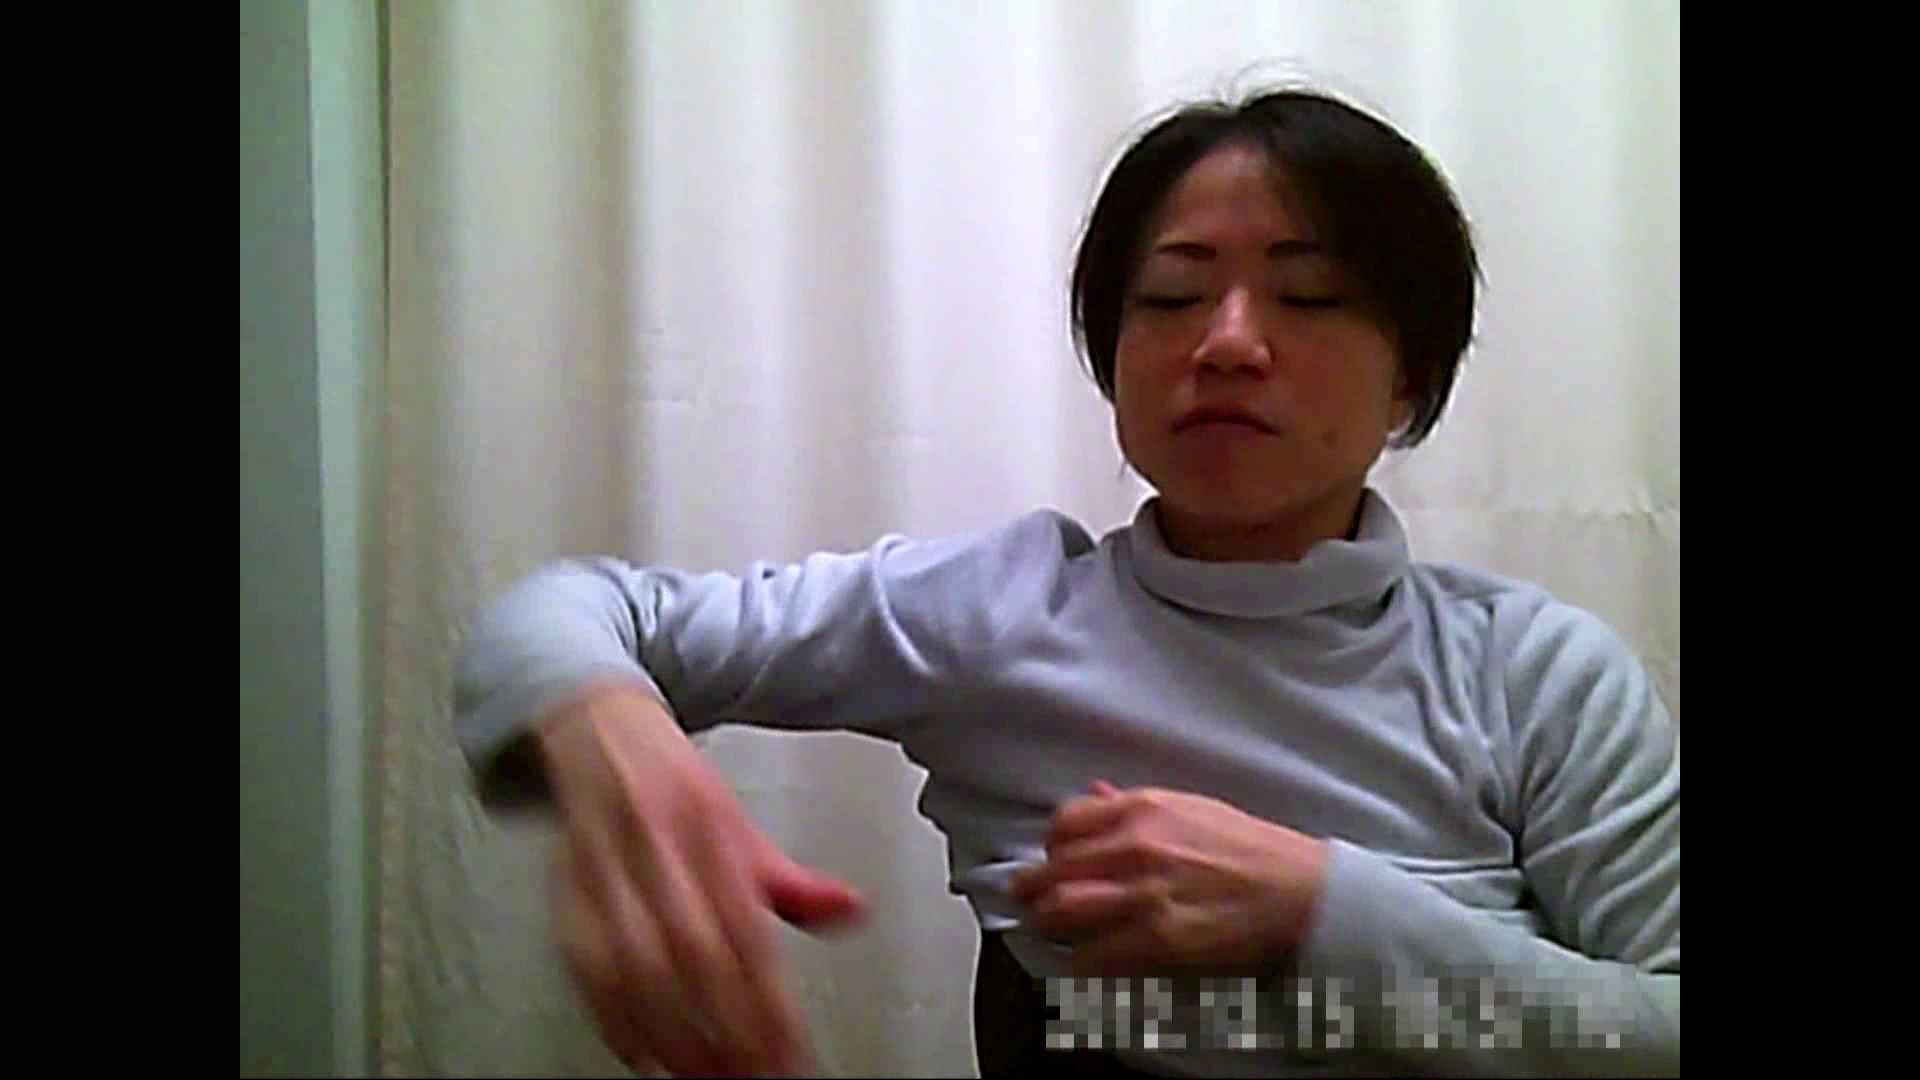 元医者による反抗 更衣室地獄絵巻 vol.117 OL  102pic 41